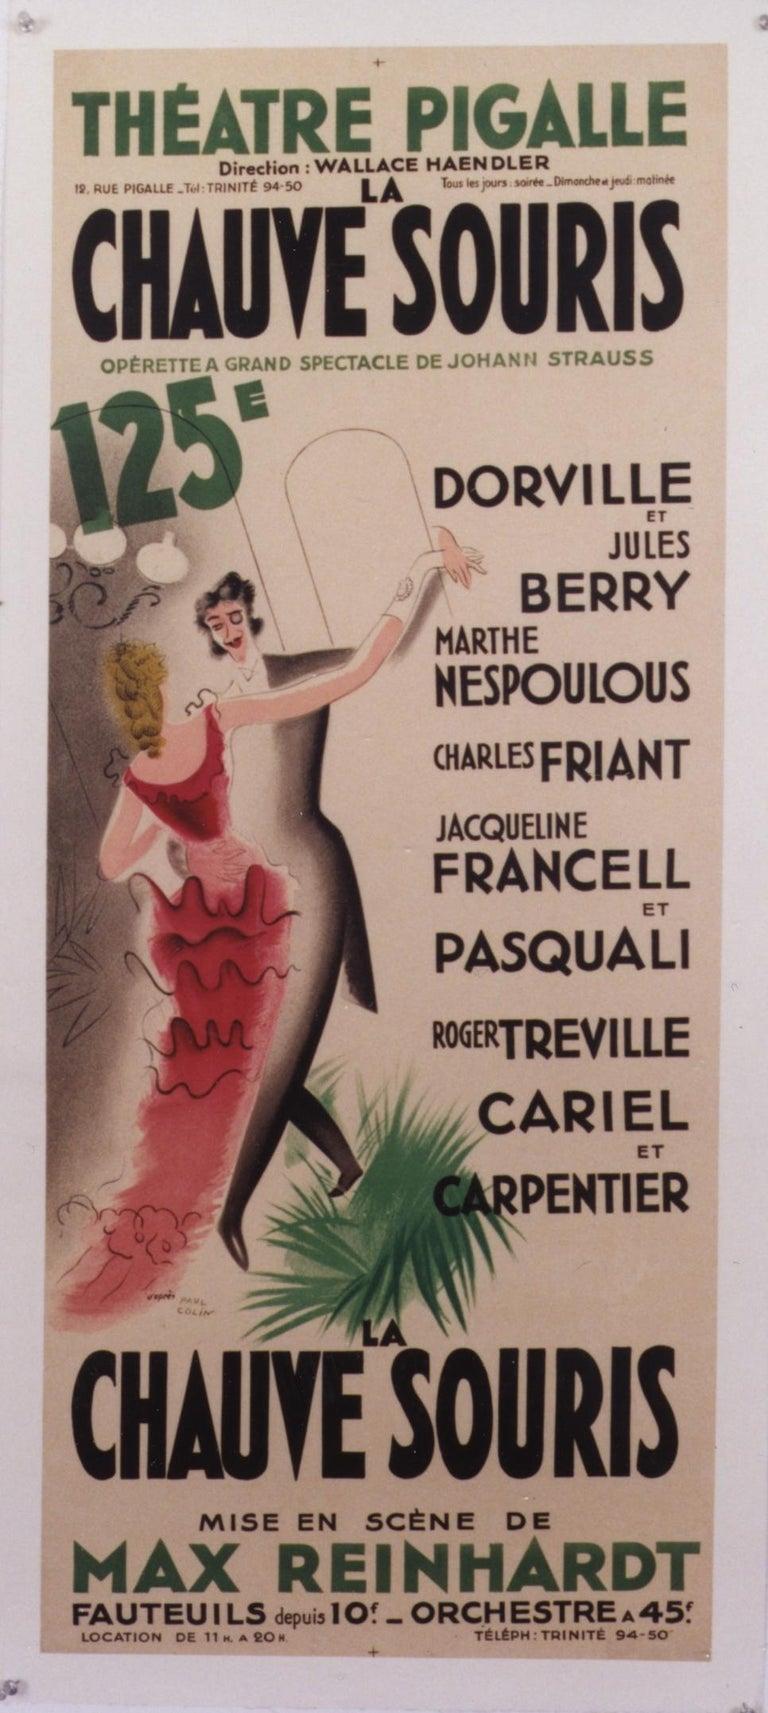 Paul Colin Figurative Print - La Chauve Souris /Theatre  Pigalle